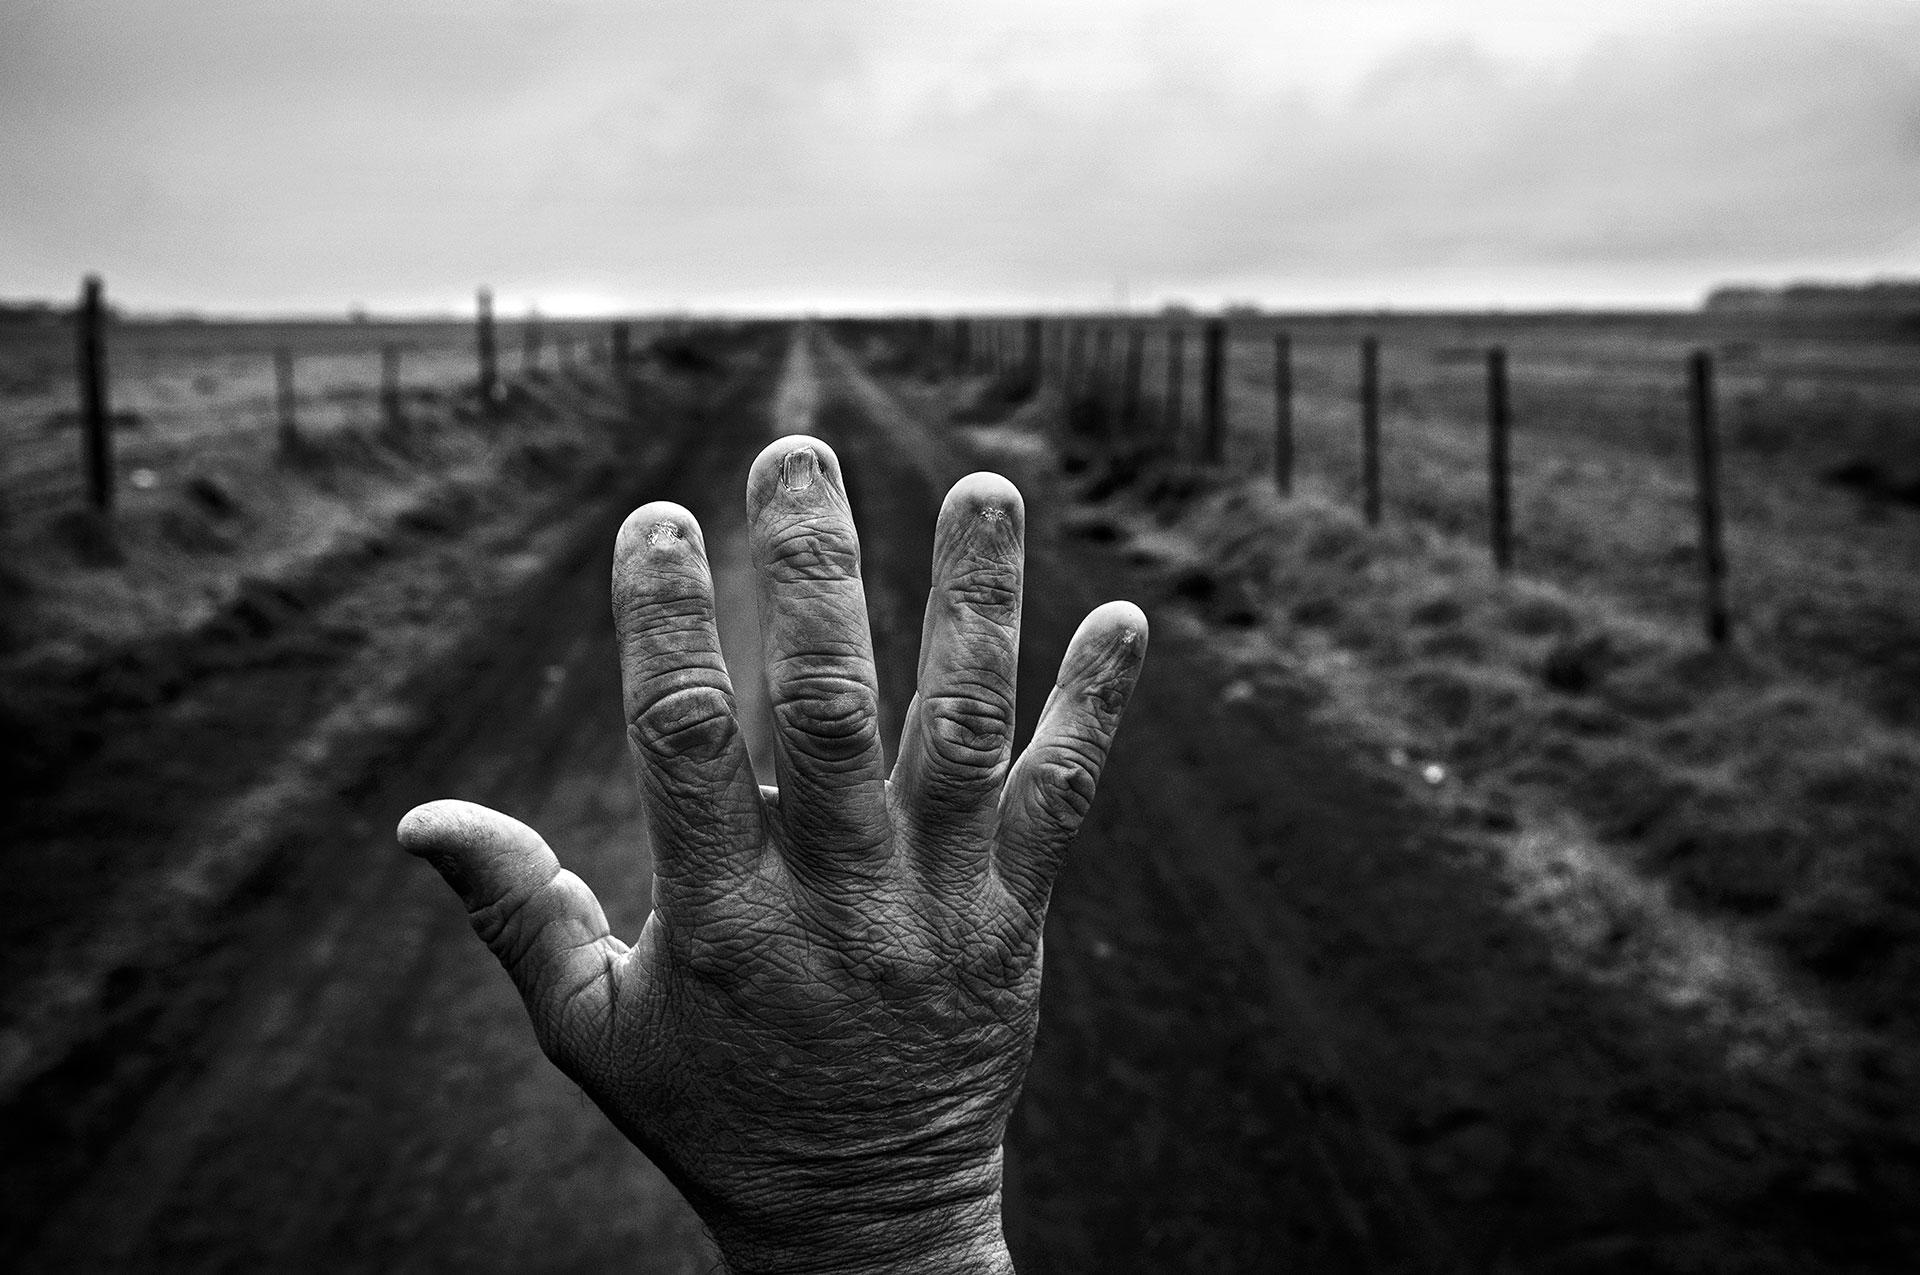 23/9/2015. Monte Maíz, Provincia de Córdoba, Argentina. Alfredo Cerán trabajó durante nueve años como fumigador, tratando con productos químicos las plantaciones de soja. Se le quemaron las uñas. Los resultados de sus análisis de sangre muestran residuos de sustancias como el glifosato, el clorpirifós, la azatrina, el 2.4-D y la cipermetrina.